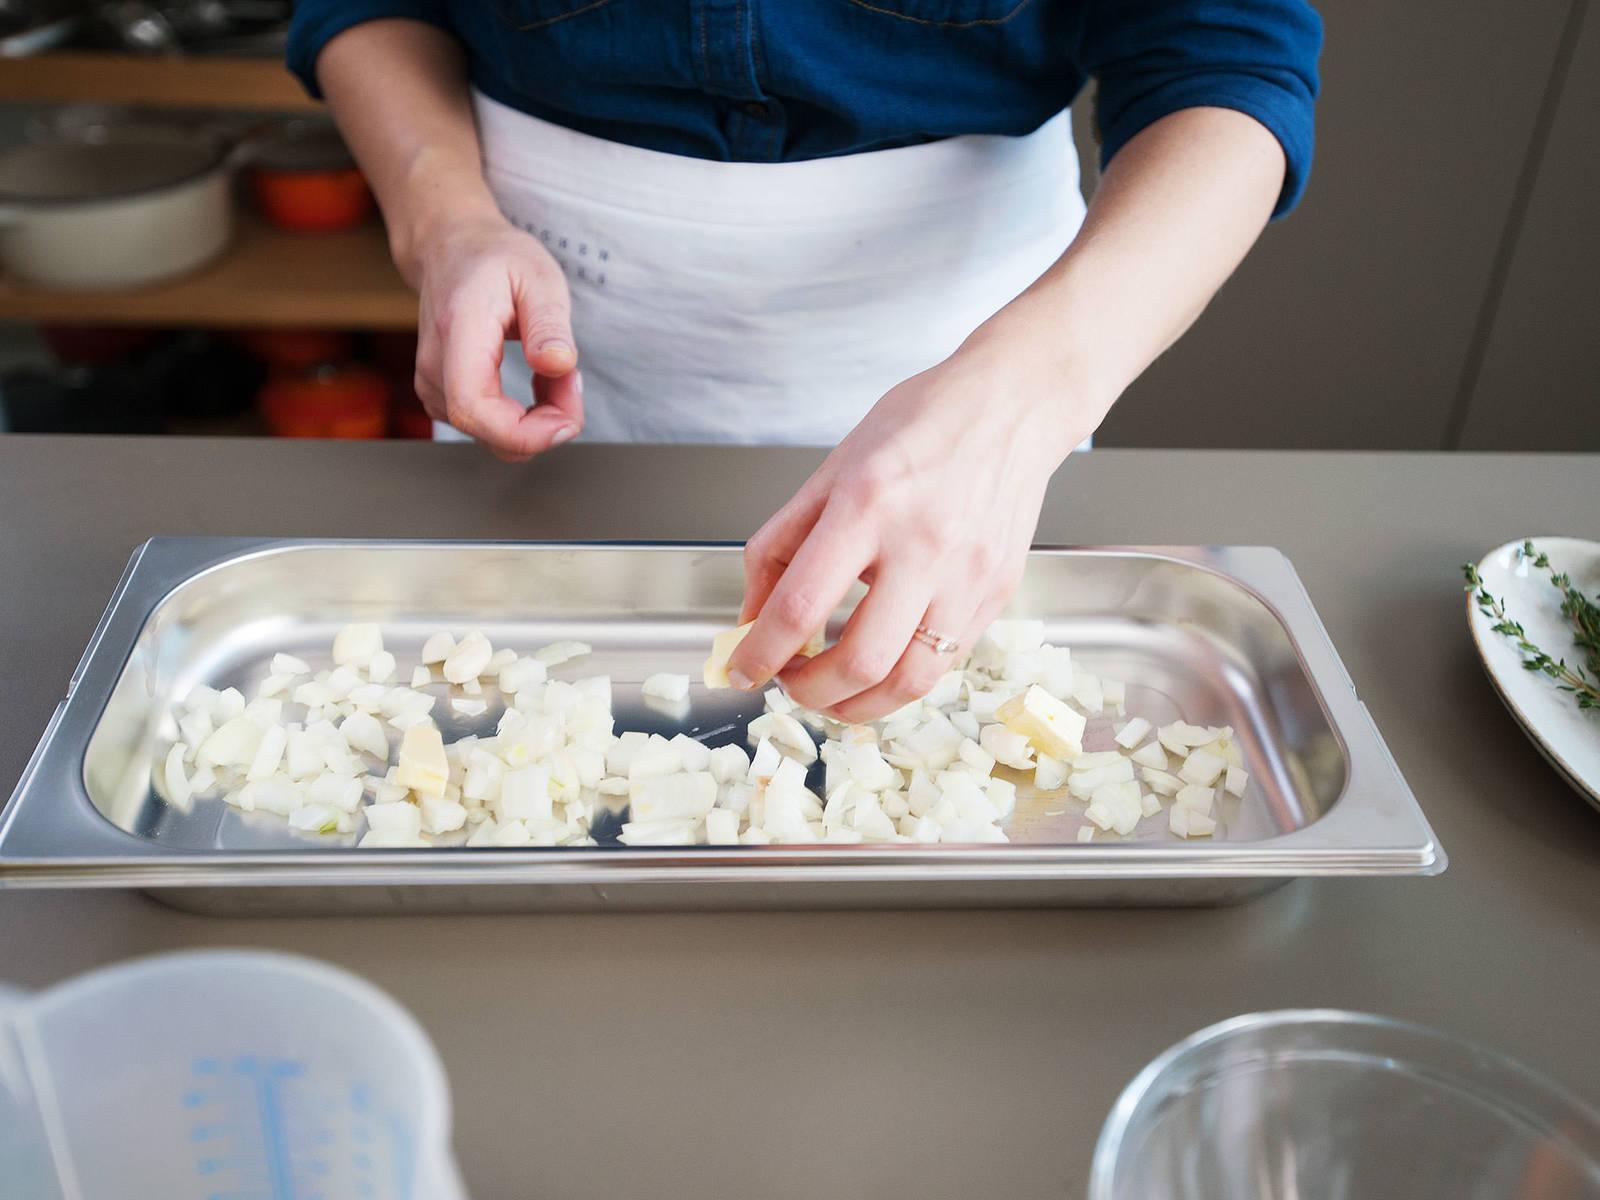 Zwiebeln würfeln. Knoblauch zerdrücken. Mit etwas Butter in einen ungelochten Garbehälter geben, mit Aluminiumfolie abdecken und bei 100°C ca. 4 Min. glasig dünsten.